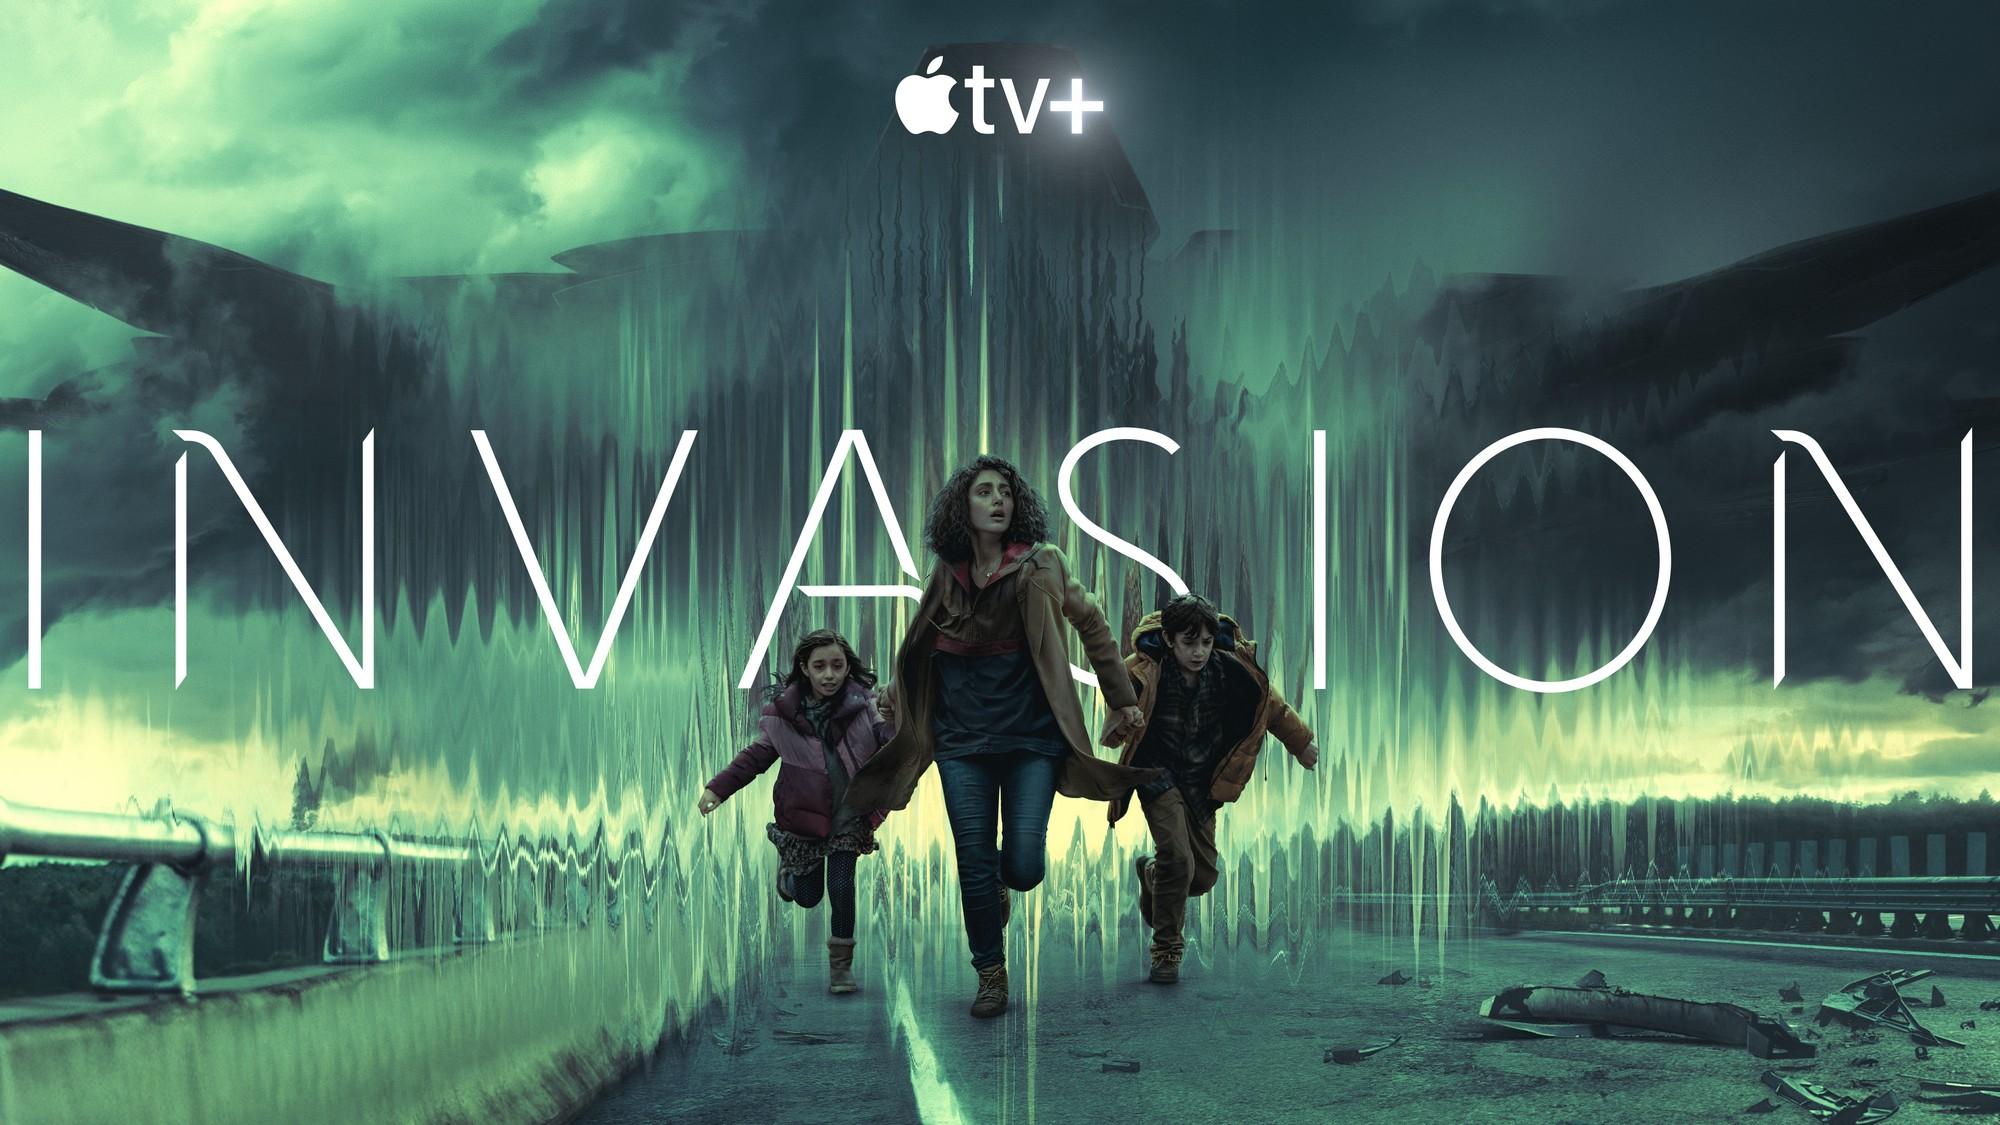 Стриминговый сервис Apple TV+ представил новый трейлер фантастического сериала Invasion / «Вторжение» - ITC.ua